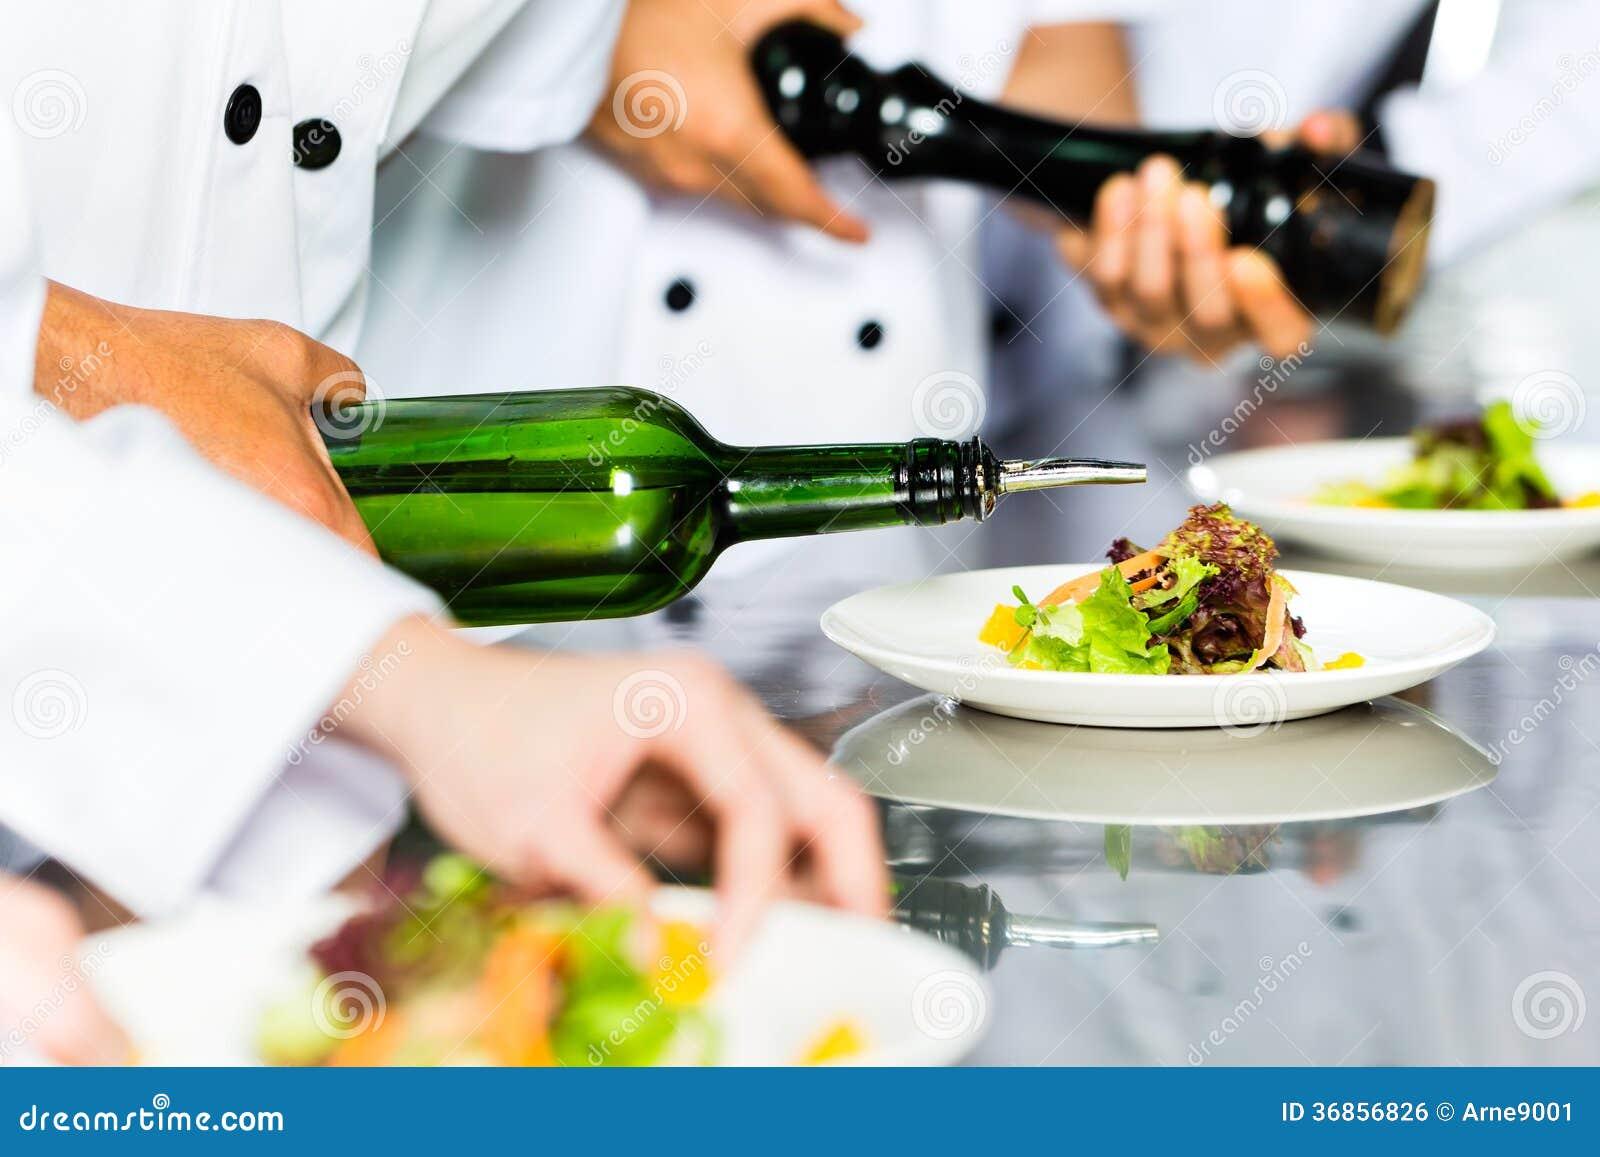 Aziatische Chef-kok in restaurantkeuken het koken